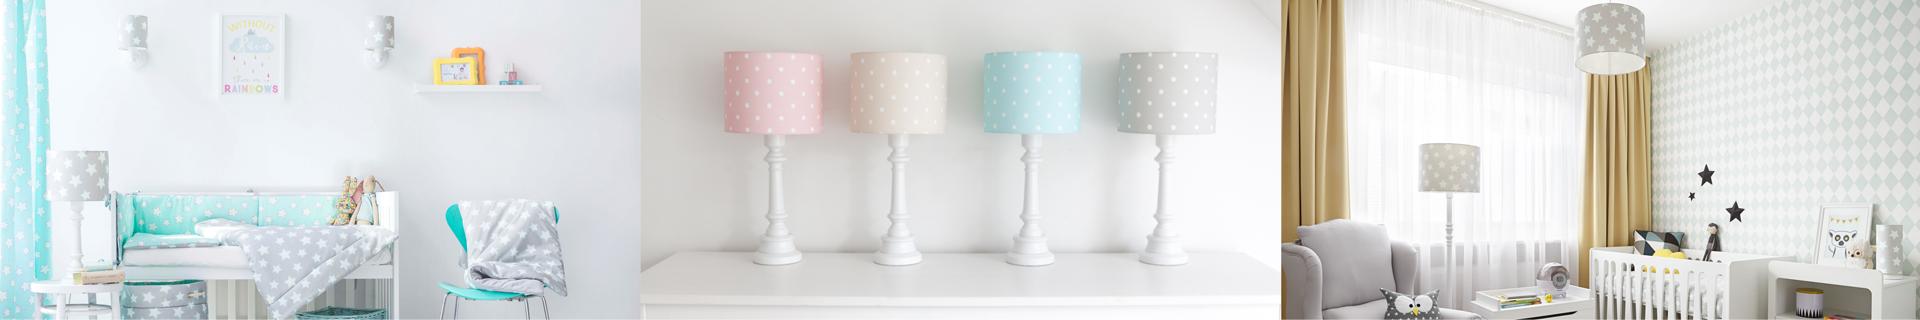 Lampy podłogowe do pokoju dziecięcego - My Sweet Room - Meble dziecięc